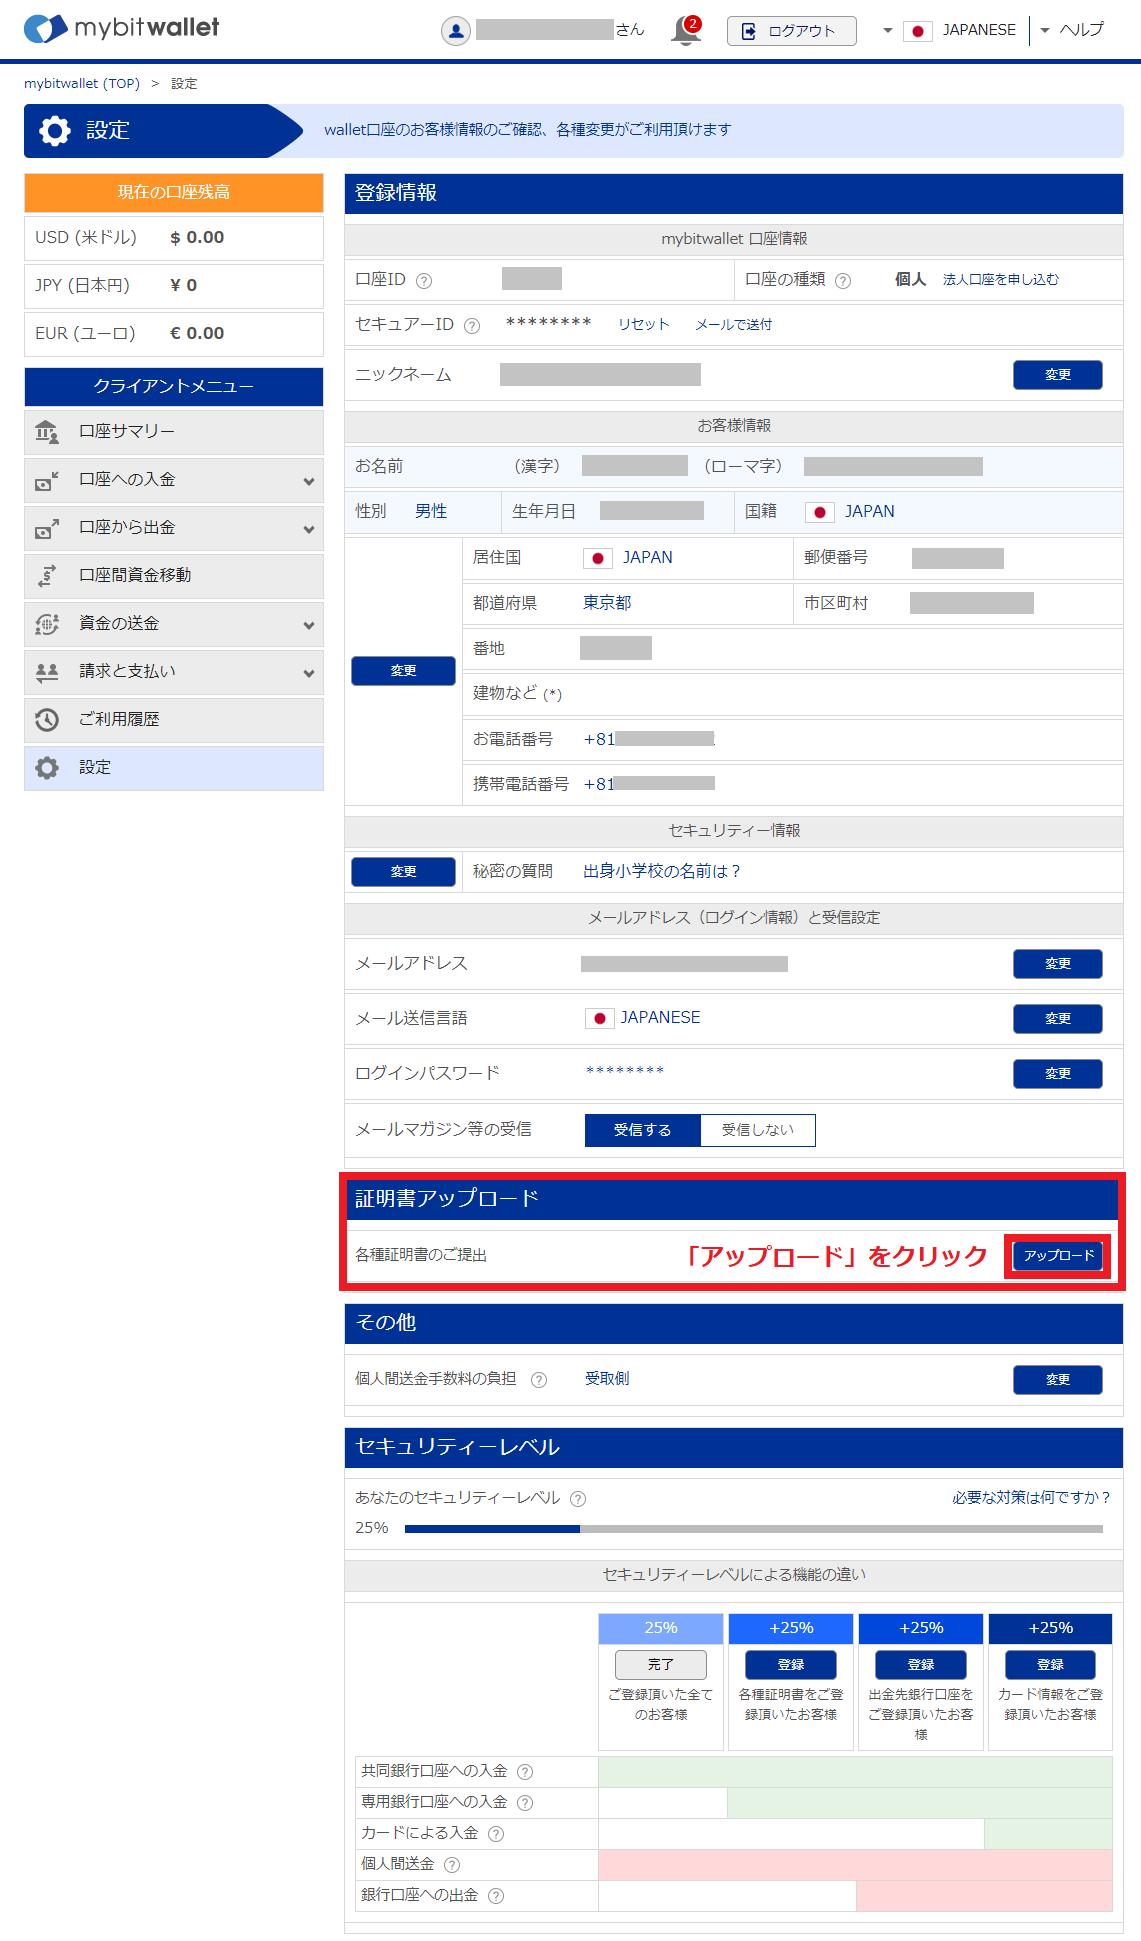 海外FX mybitwallet 本人確認書類のアプウロード2